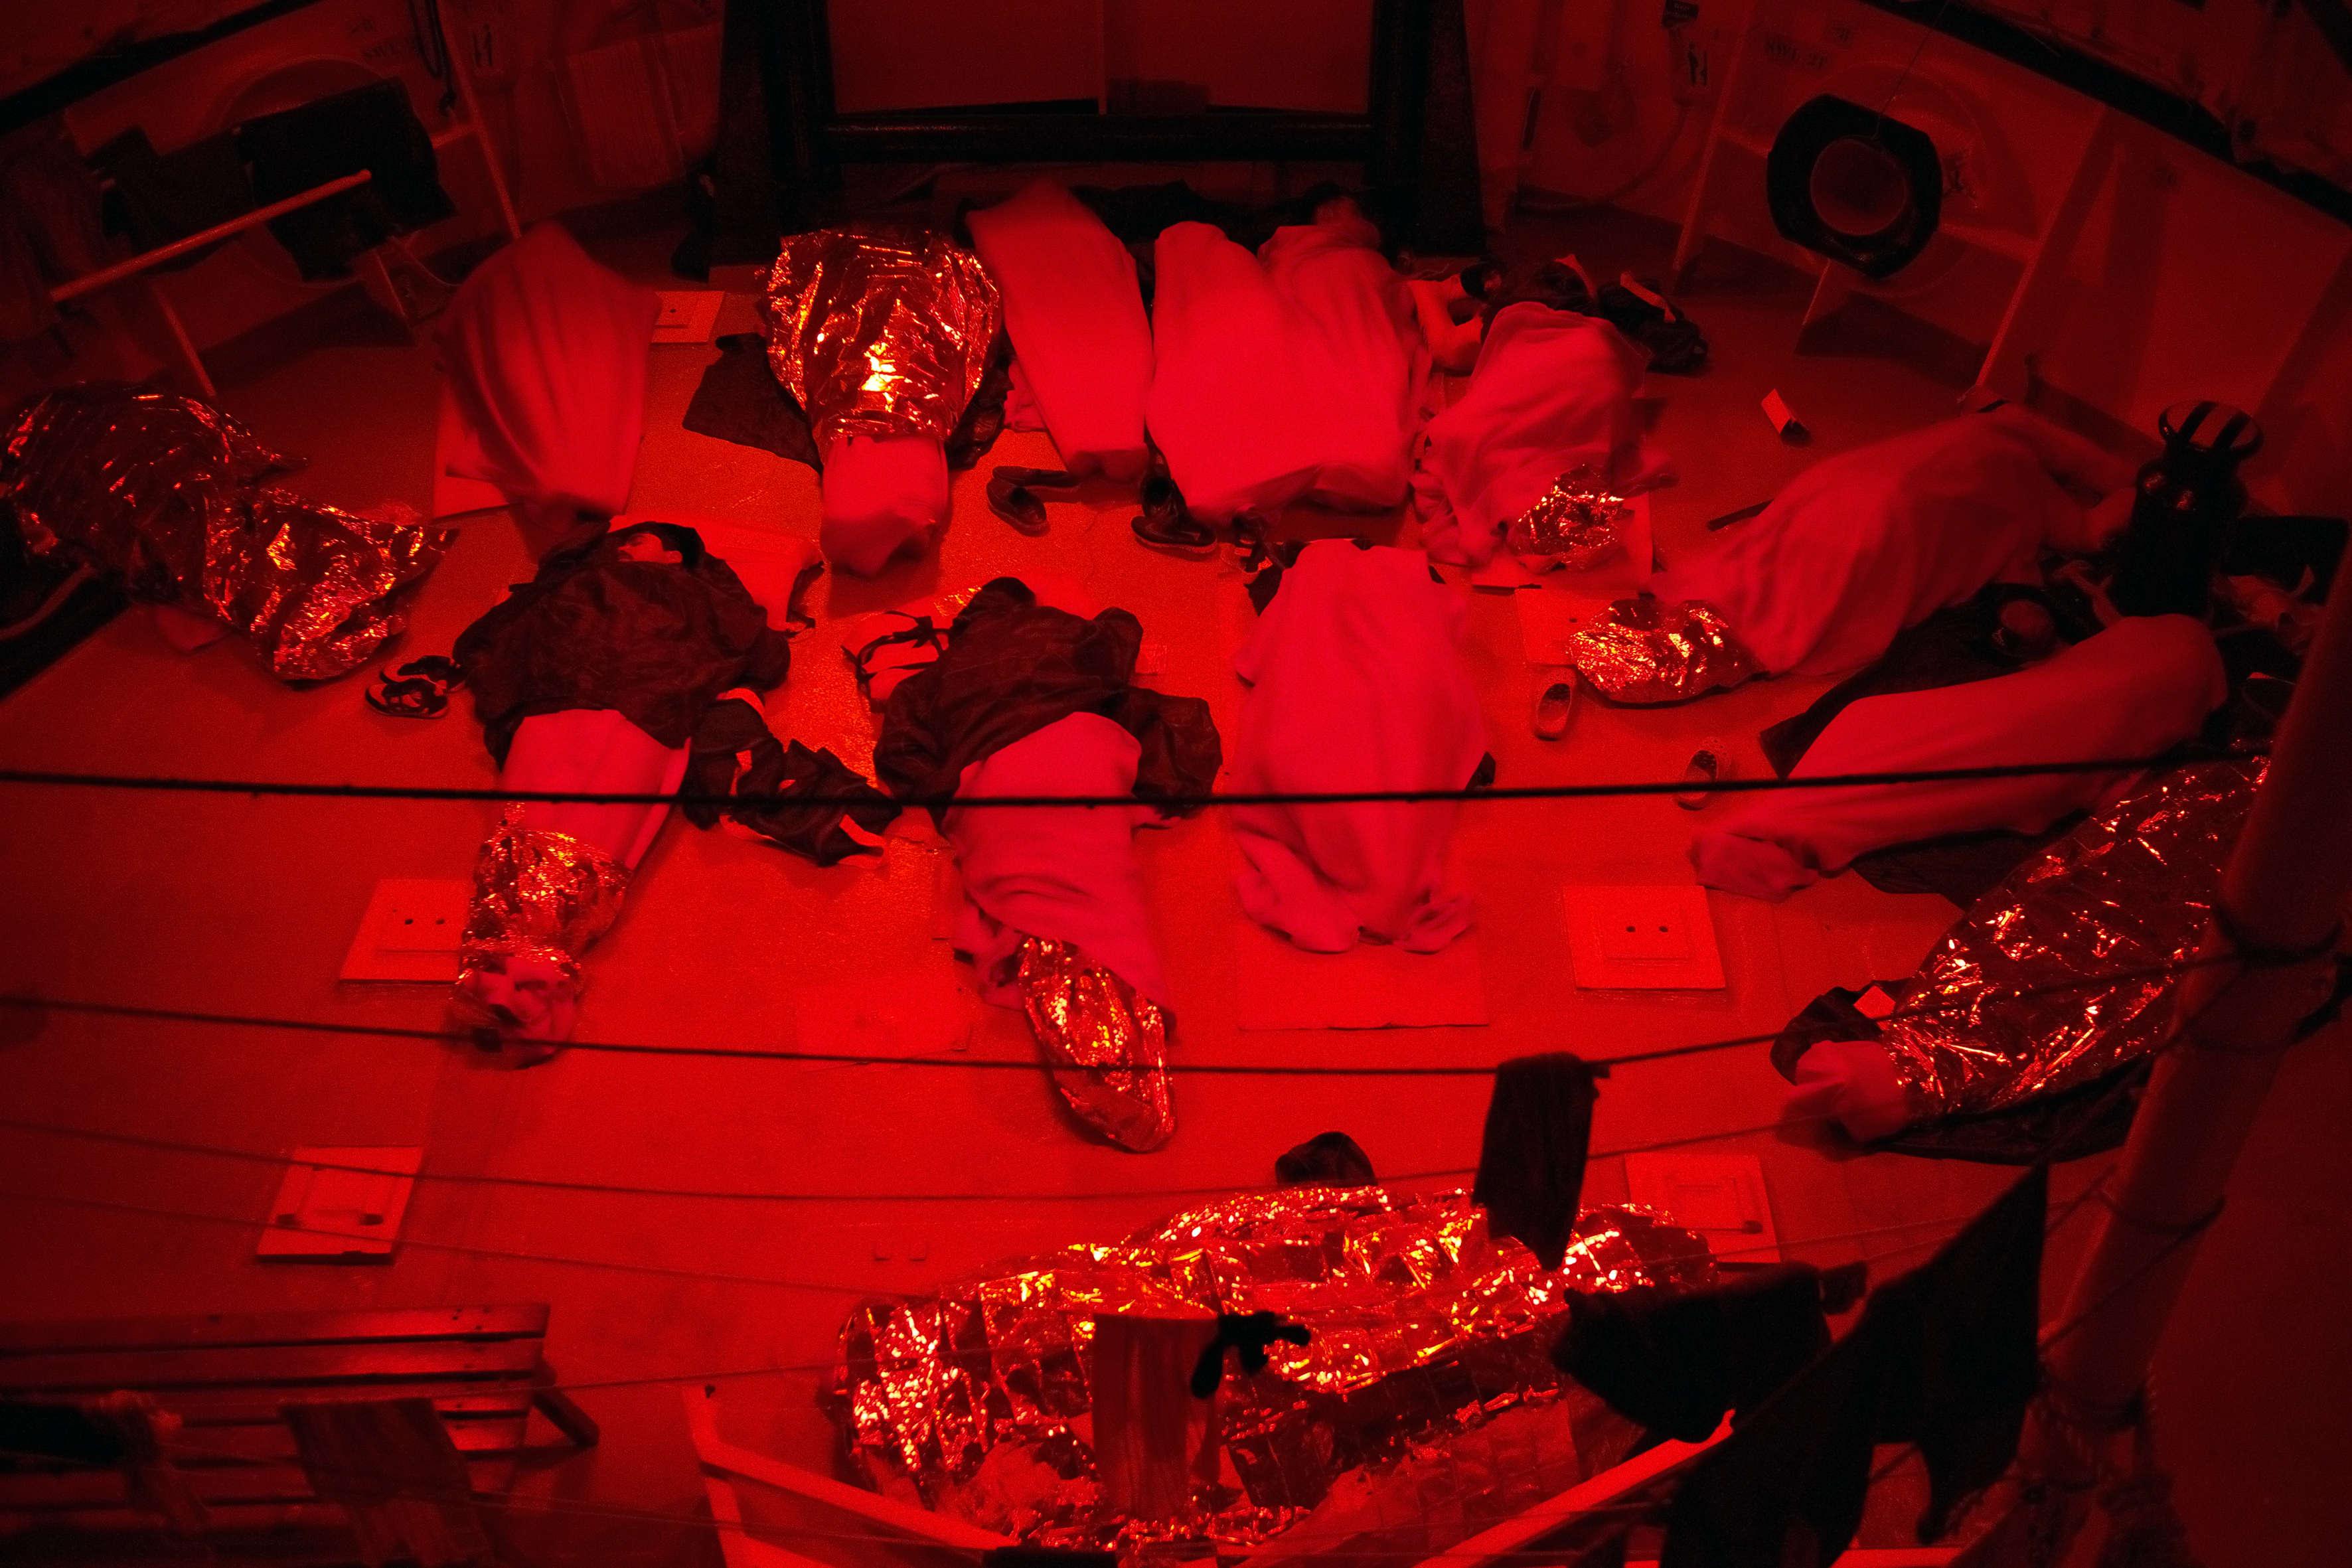 Il fait nuit et la pluie est tombée sur l'« Aquarius ». Les hommes tentent de trouver le sommeil dans l'humidité, le froid et le roulis des eaux internationales, au large de l'île de Malte.SAMUEL GRATACAP POUR LE MONDE